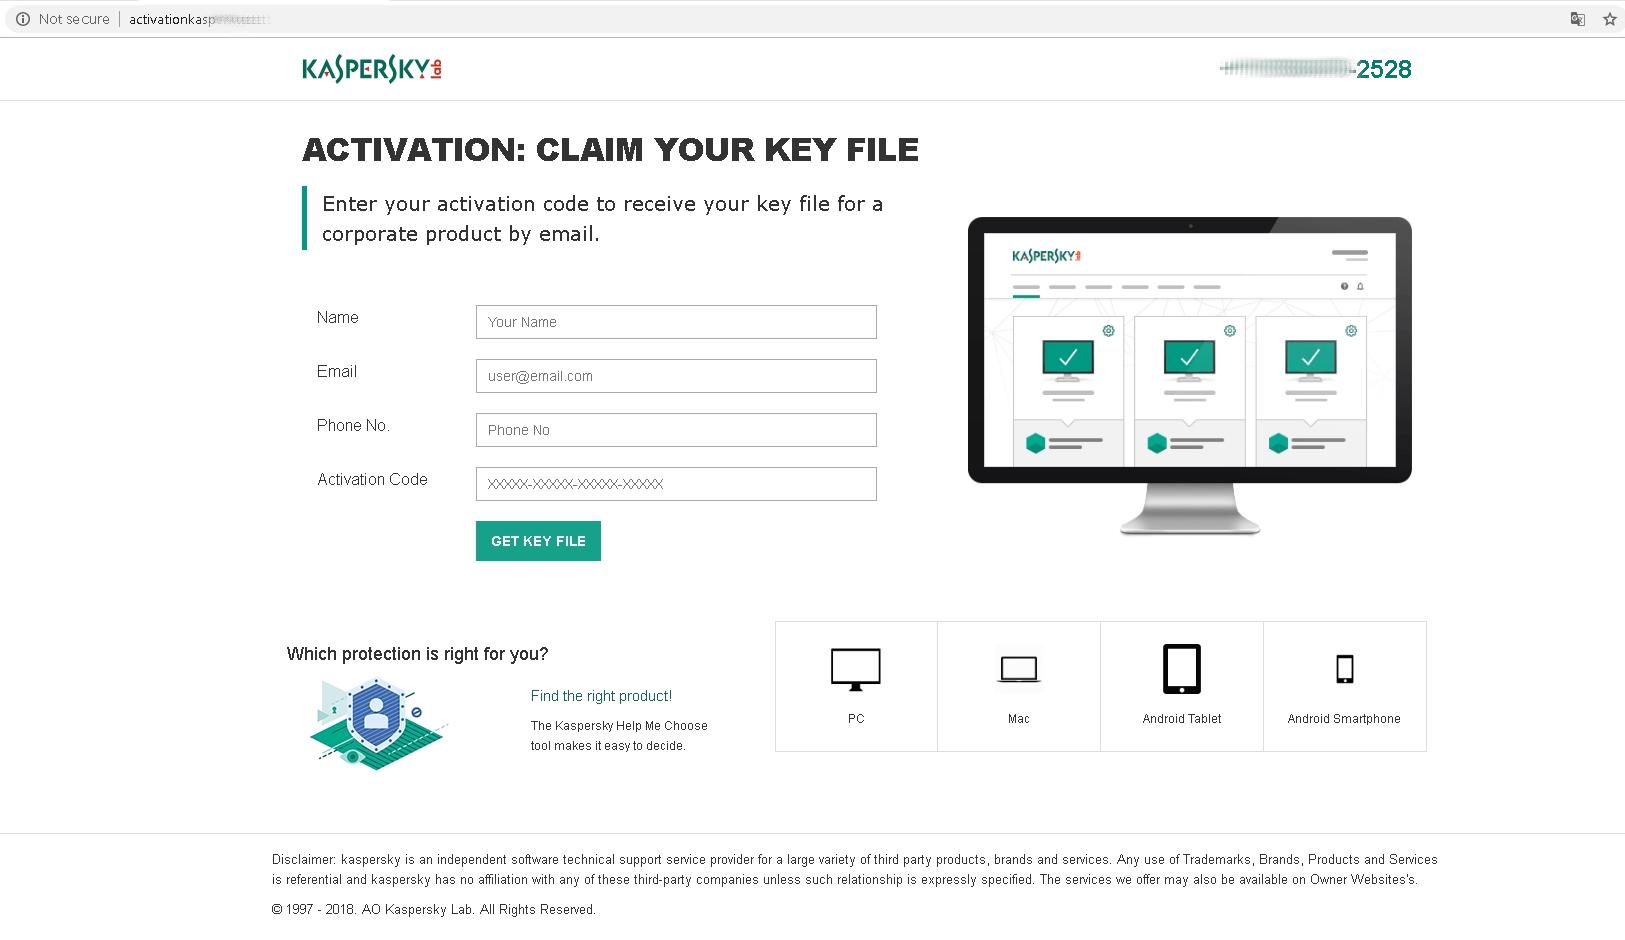 Questo falso sito di assistenza richiede all'utente il codice di attivazione del suo antivirus Kaspersky Lab.